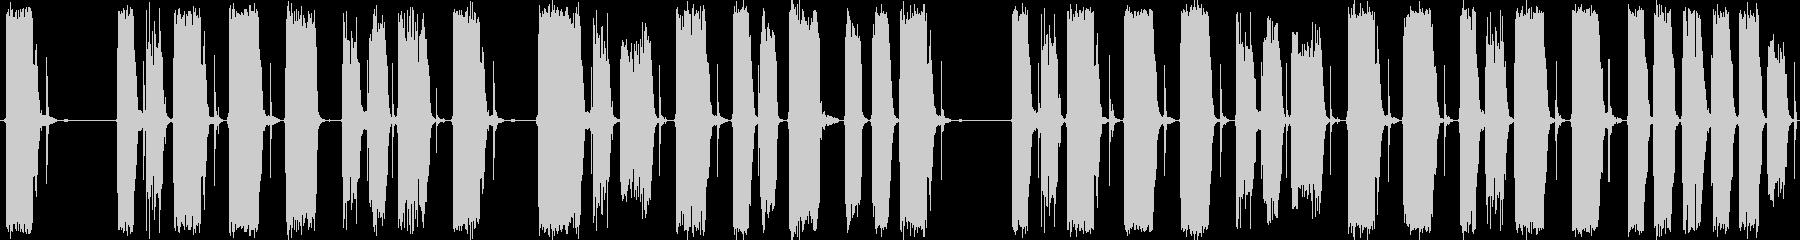 ハードなドラムを基本にした楽曲です。の未再生の波形